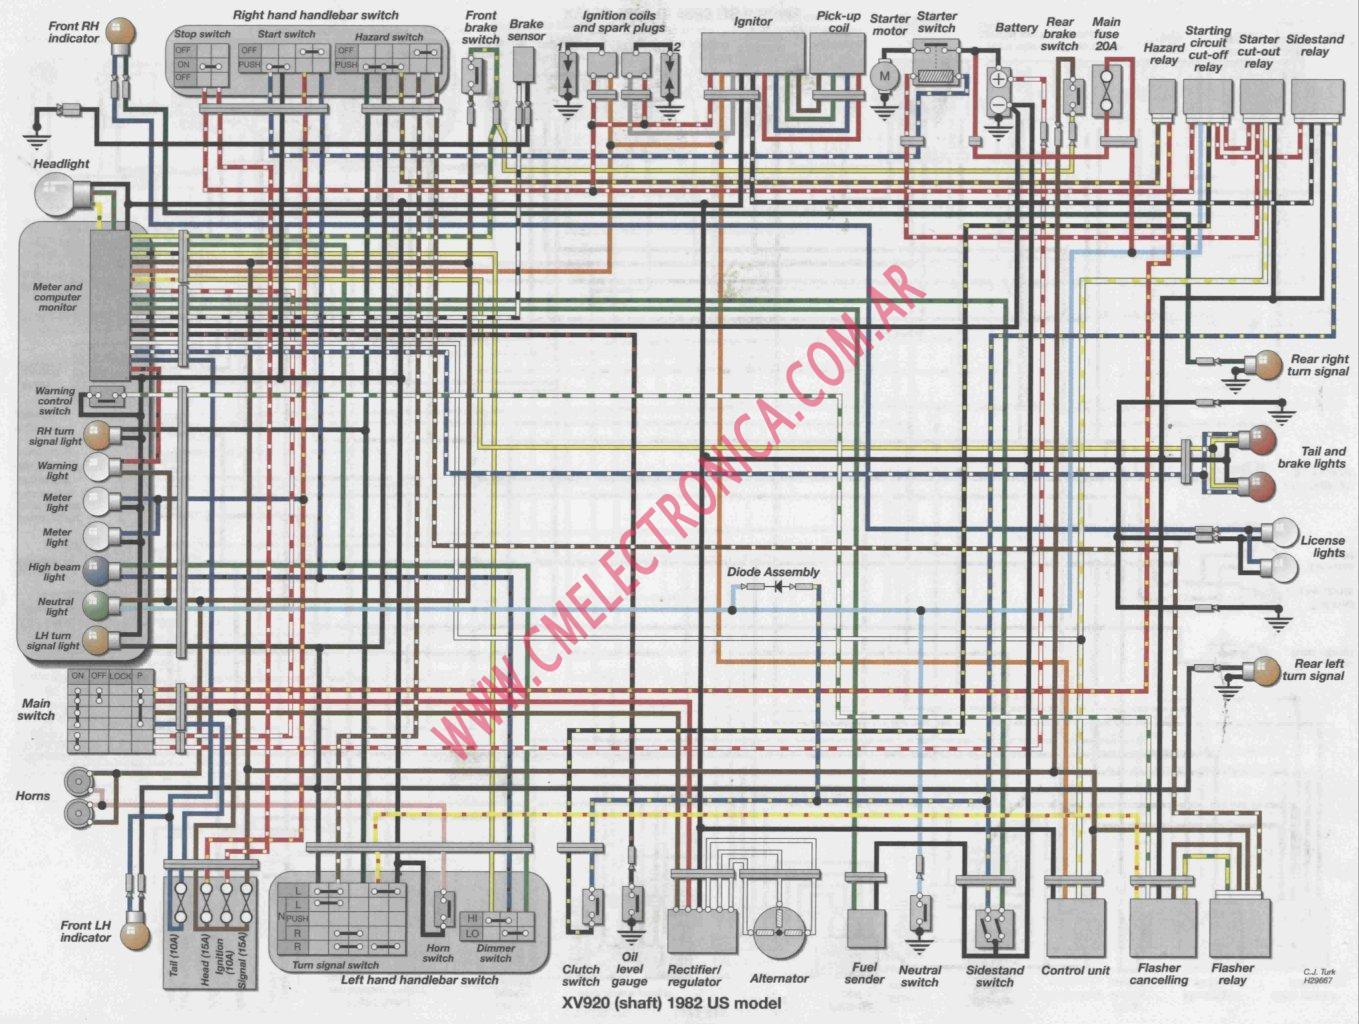 Comfortable 99 Yamaha Yfm600 Wiring Gas Furnace Wiring Diagram Pdf ...